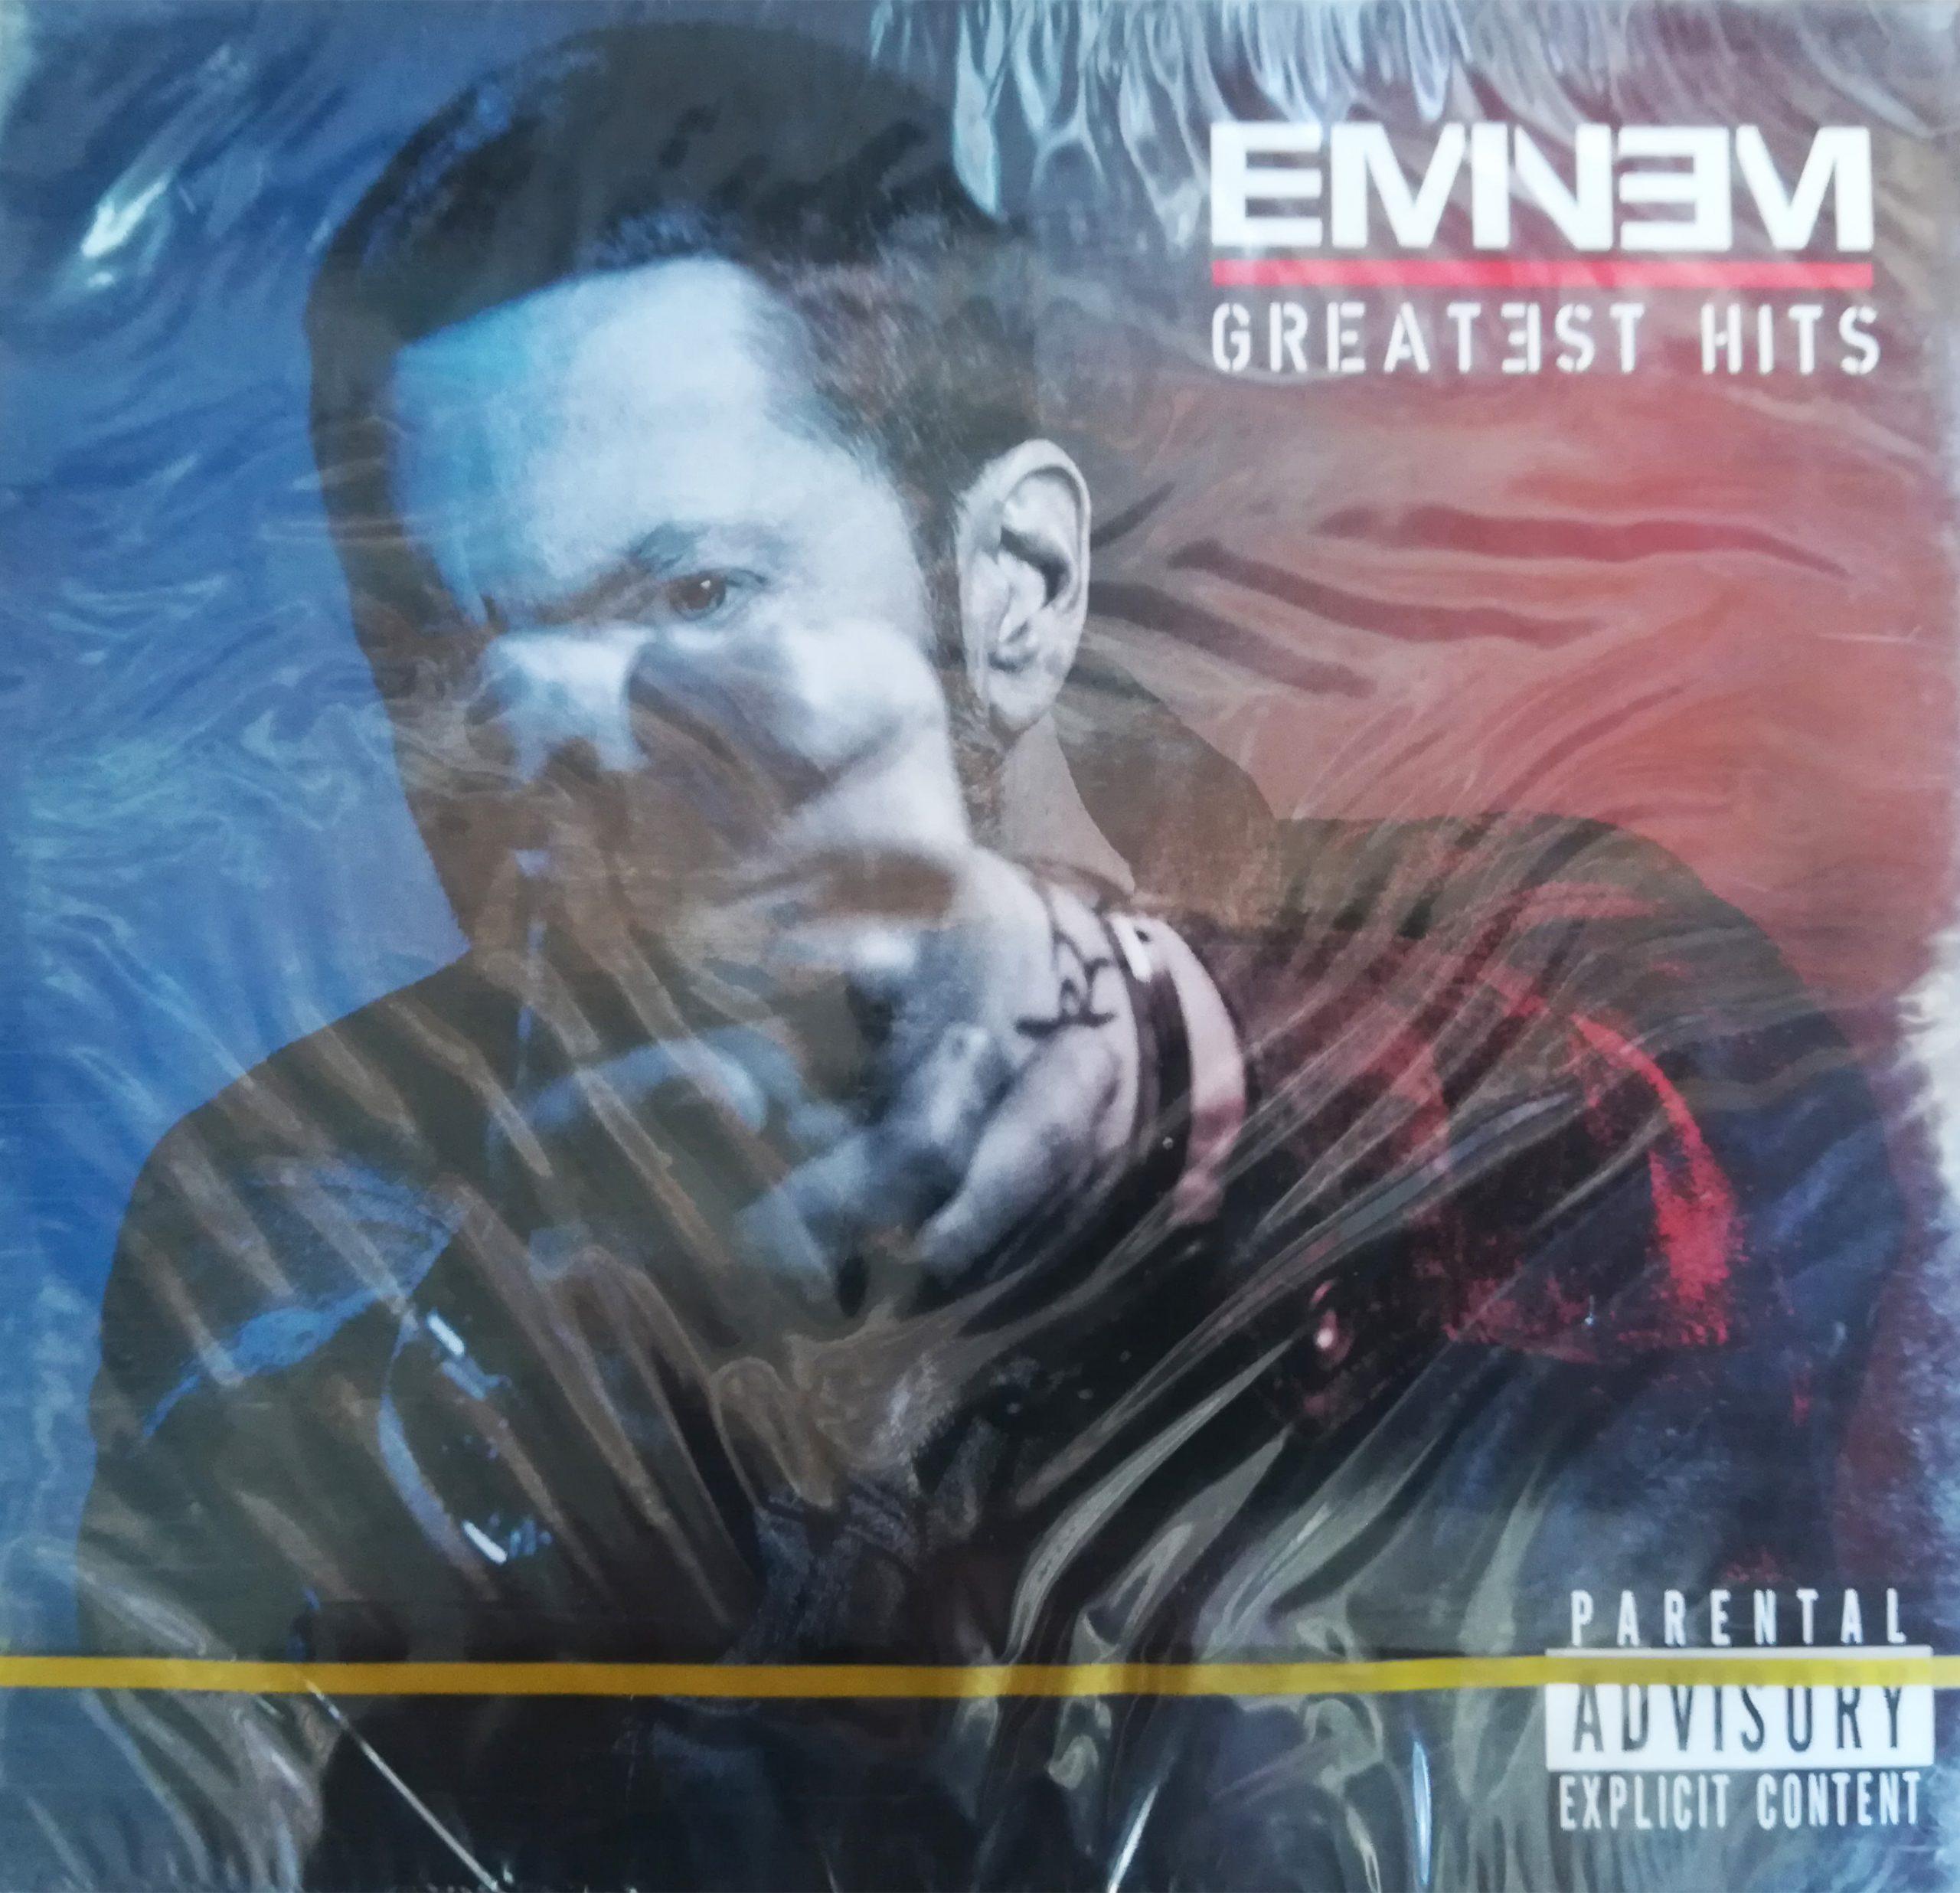 Eminem - Greatest Hits (2019) (2cd, digipak)